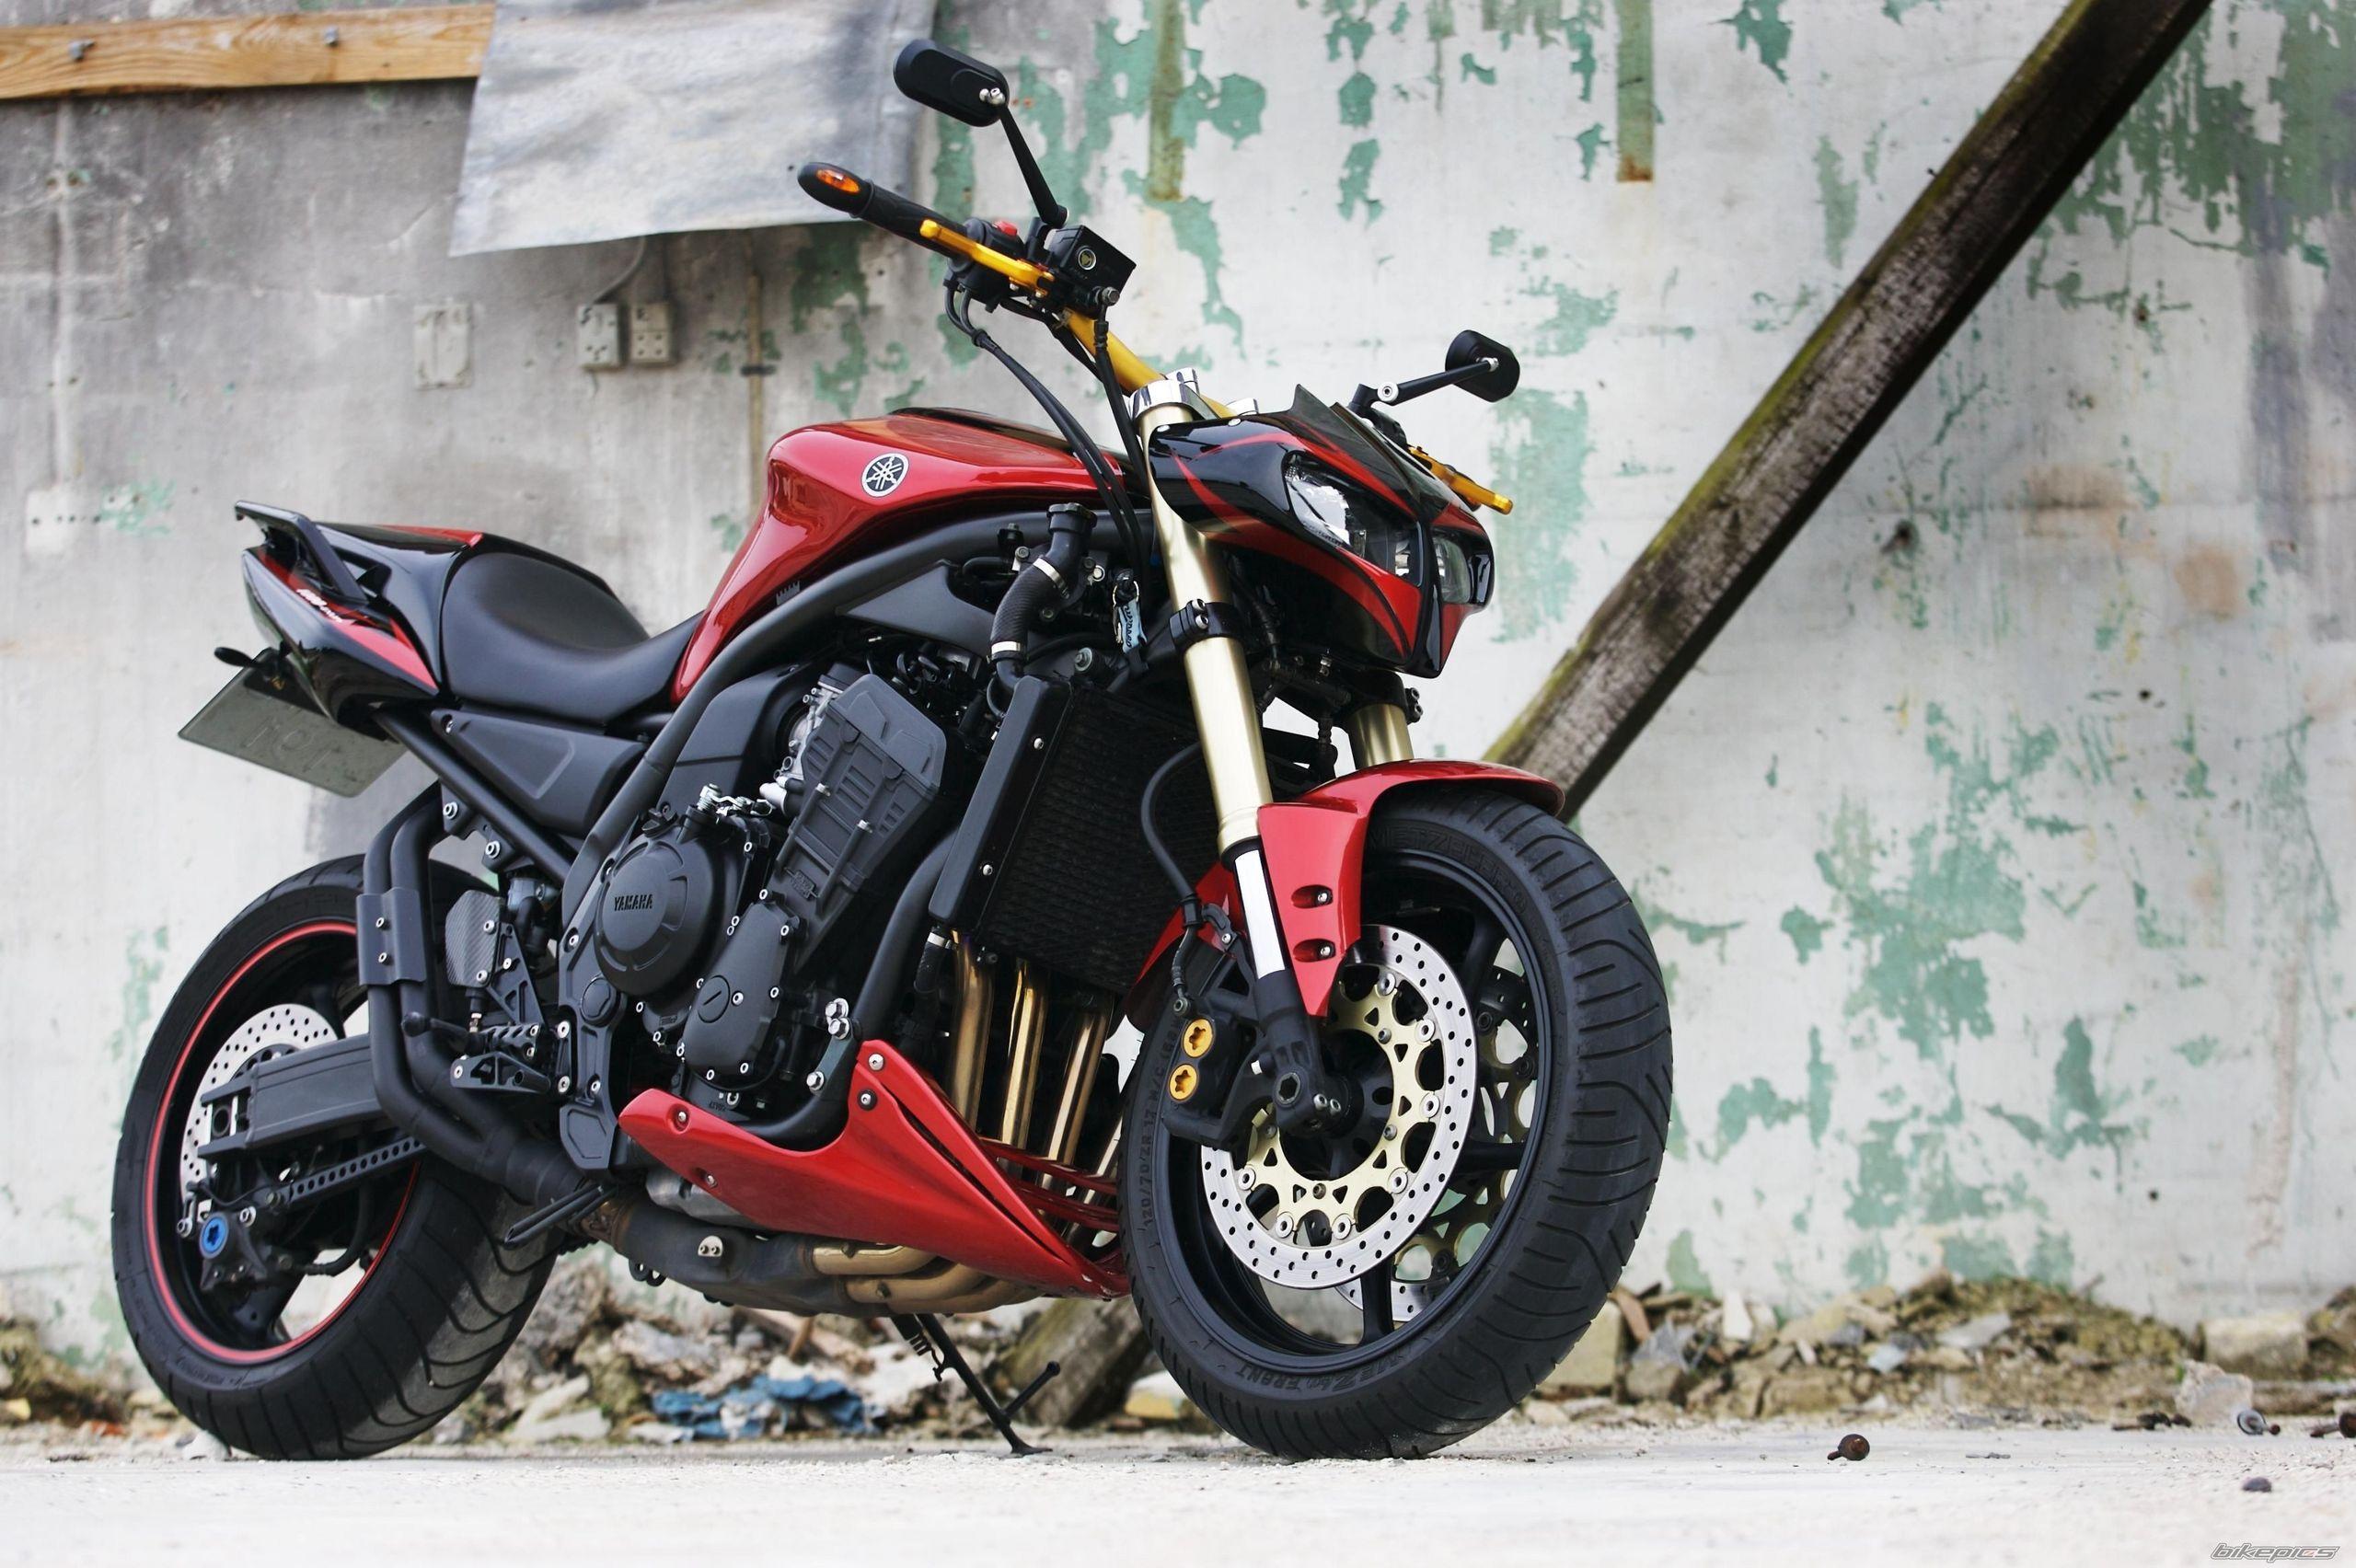 2006 yamaha fz 1 fazer motorcycle streetfighter photo 1 - Explore Yamaha Fz Yamaha Motorcycles And More Yamaha Fzs1000 Fazer